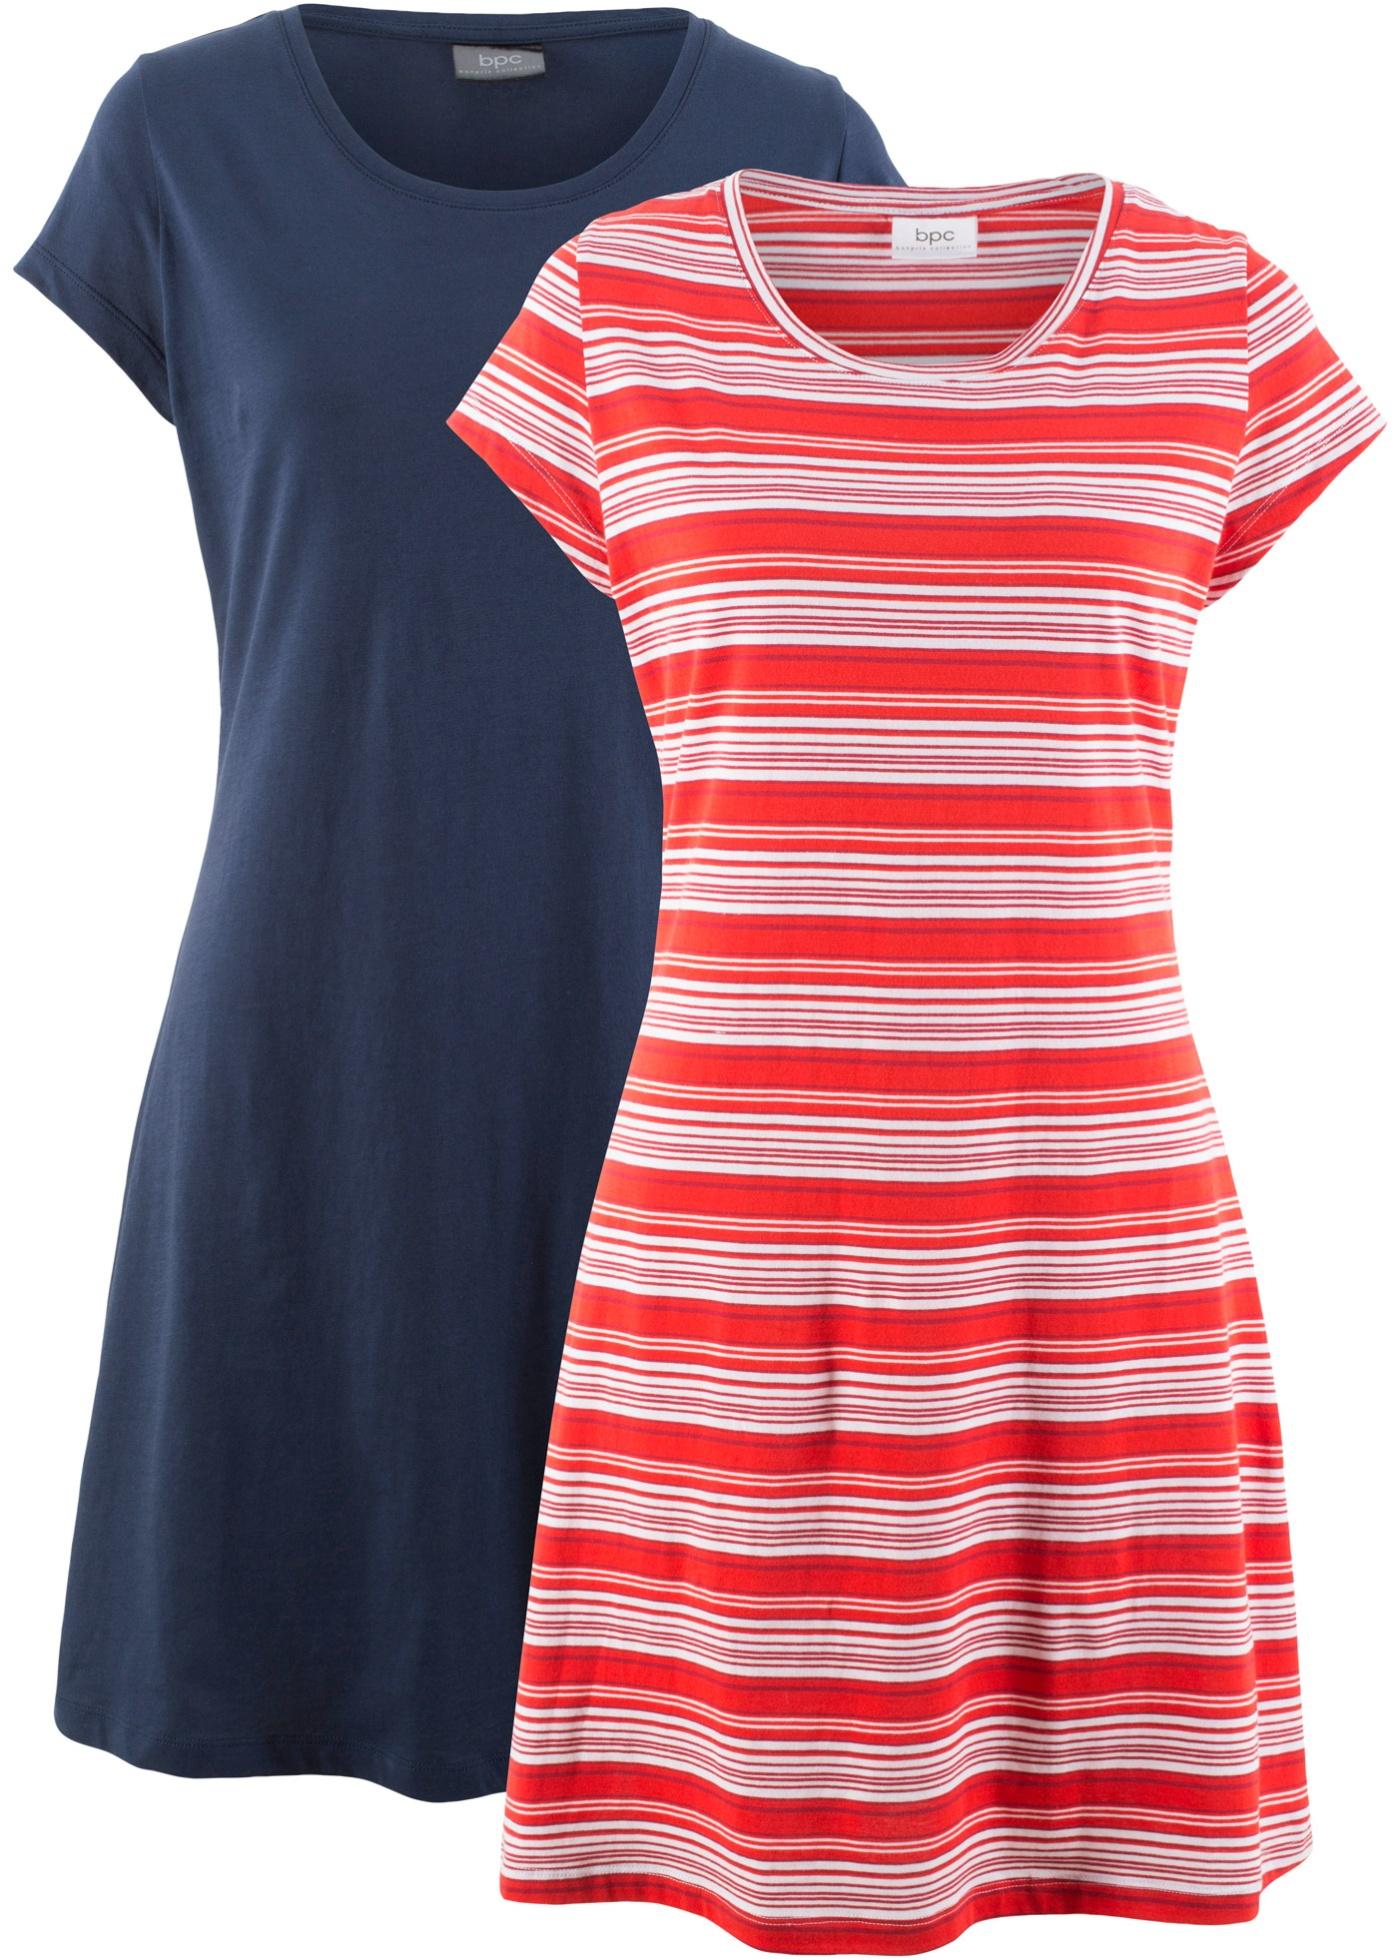 Stretch-Jerseykleid (Doppelpack), gestreift & uni